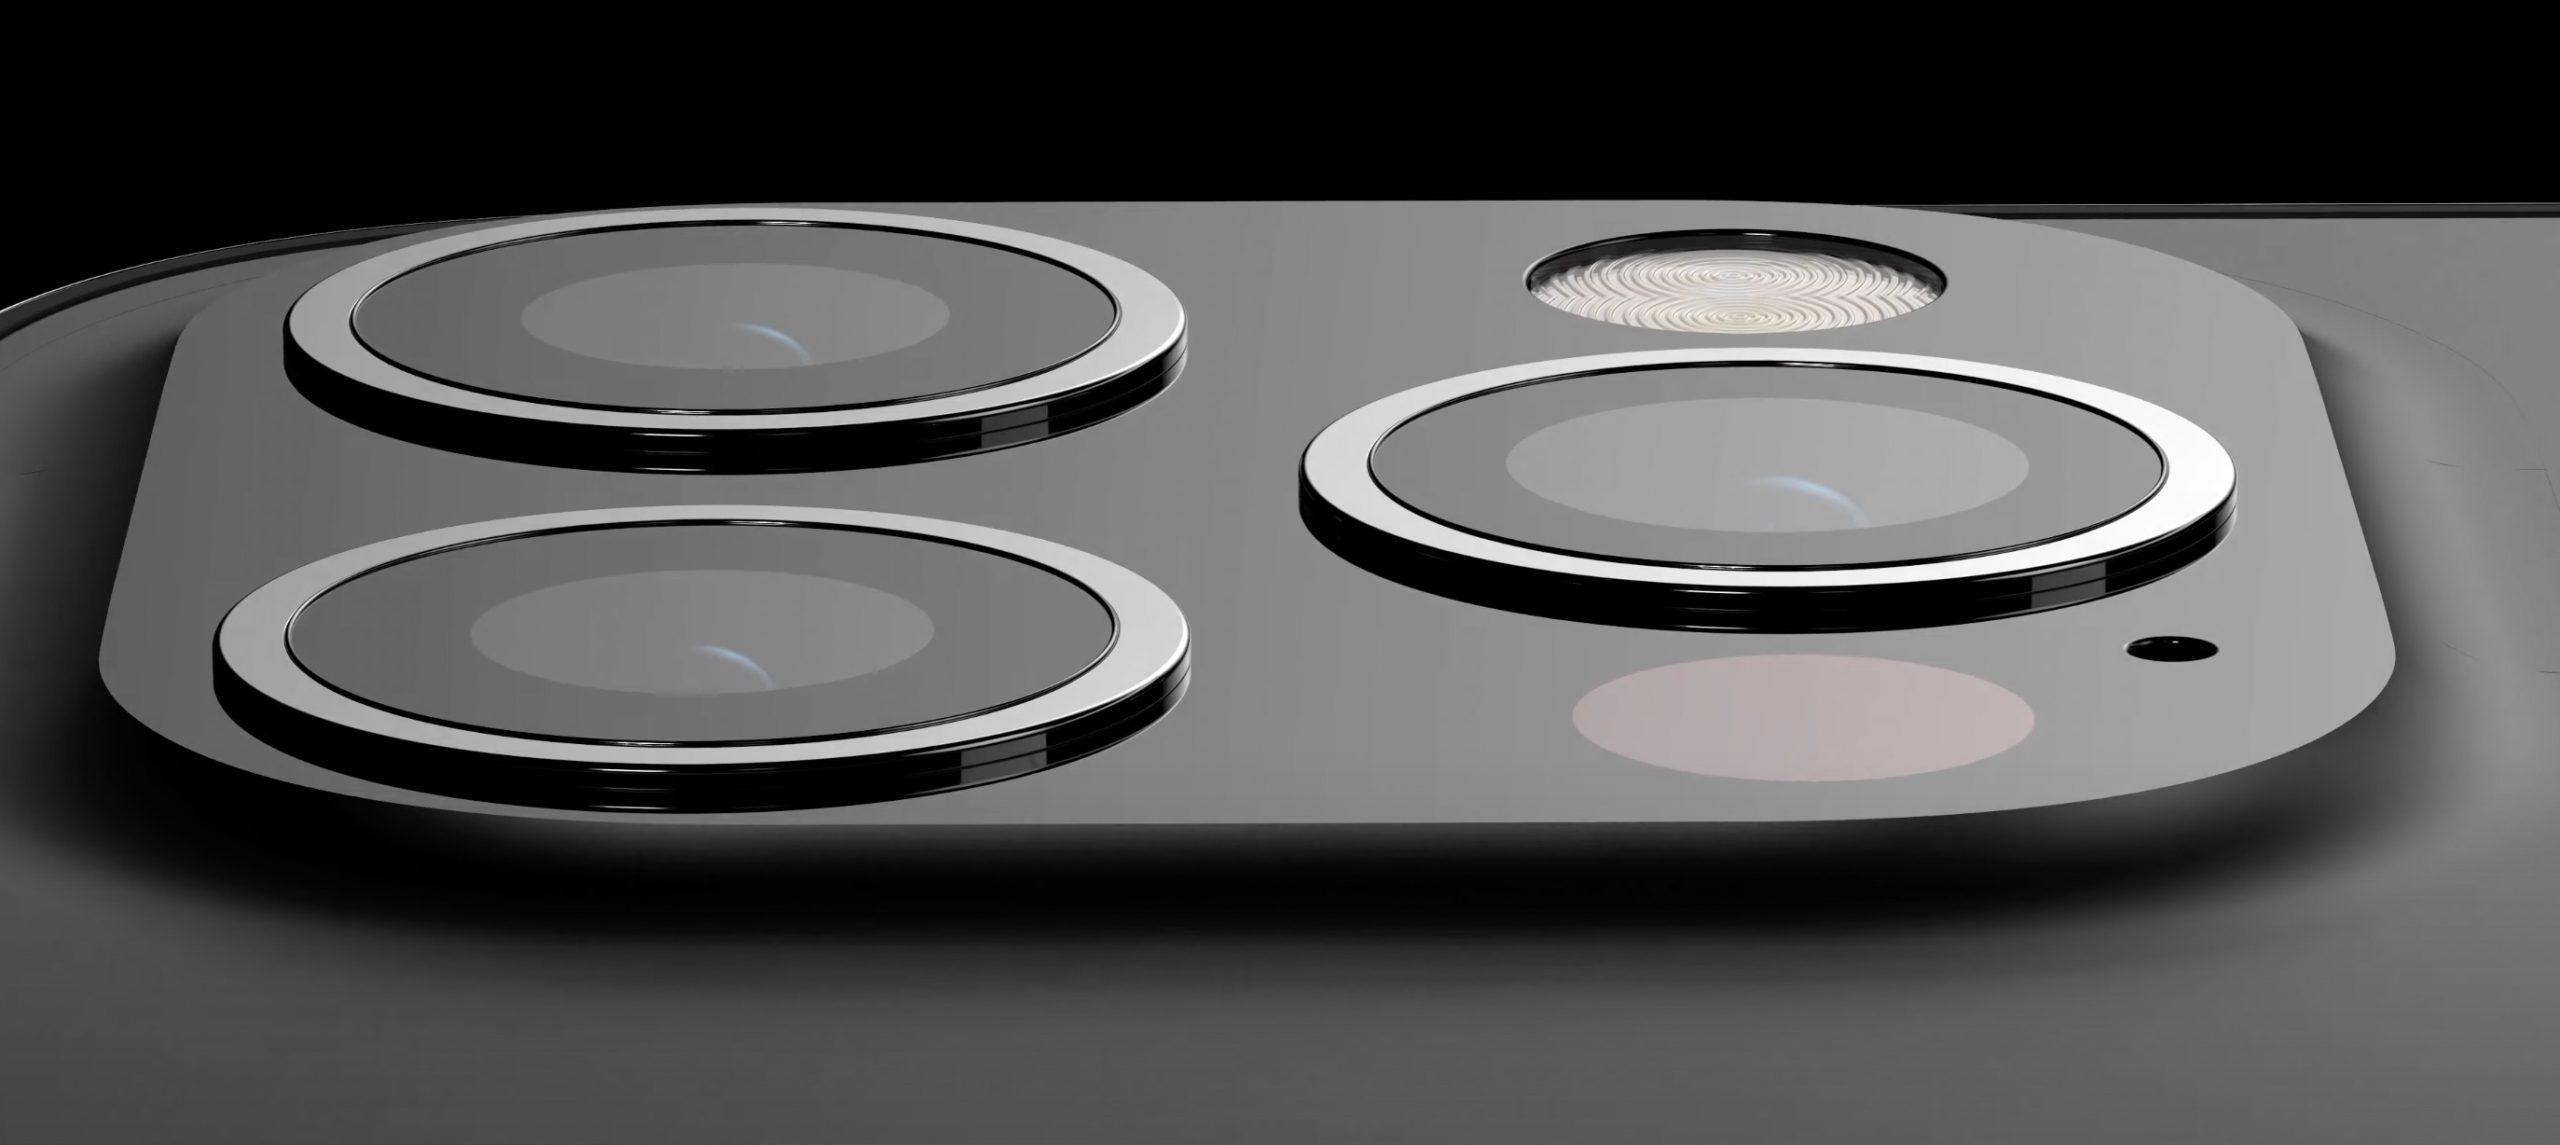 Detalle de la cámara: Concepto de diseño de iPhone 13 en negro mate